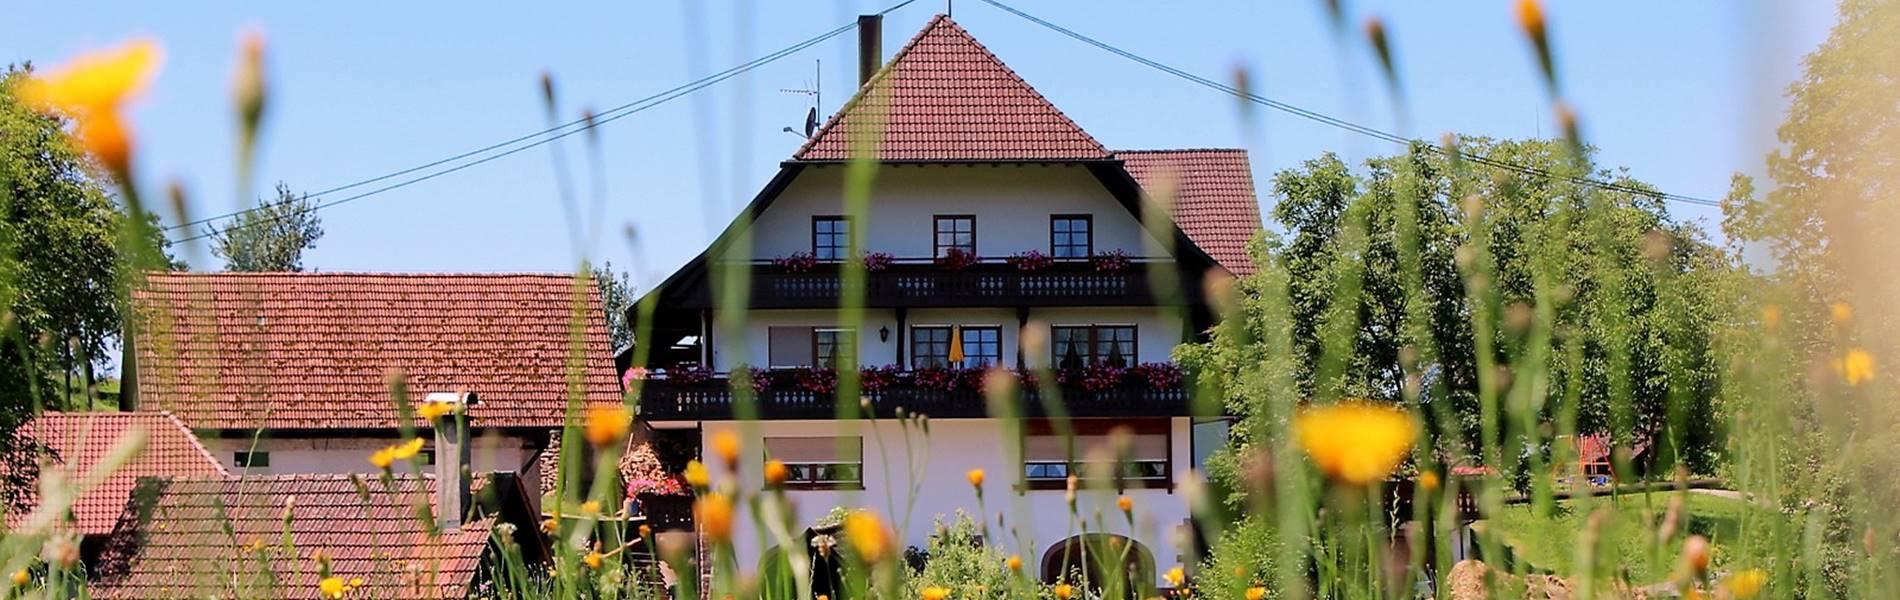 hugeseppehof-ferienwohnungen-schwarzwald